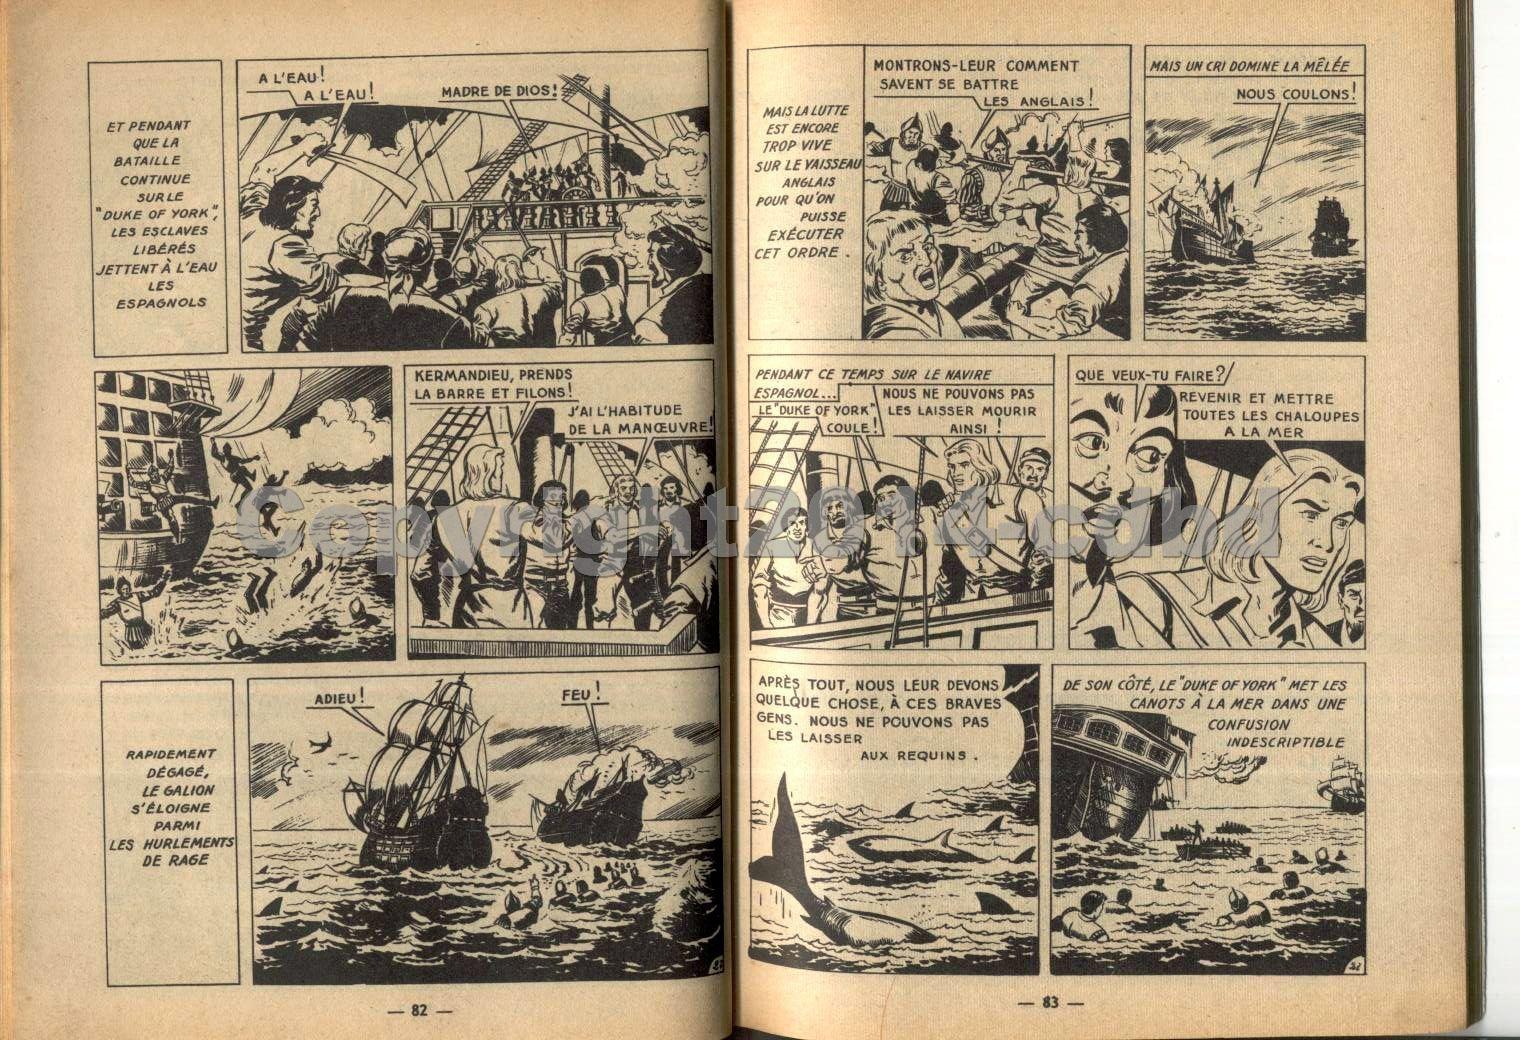 Yuma mensuel n°9 - Juillet 1963- pages 41 à 49